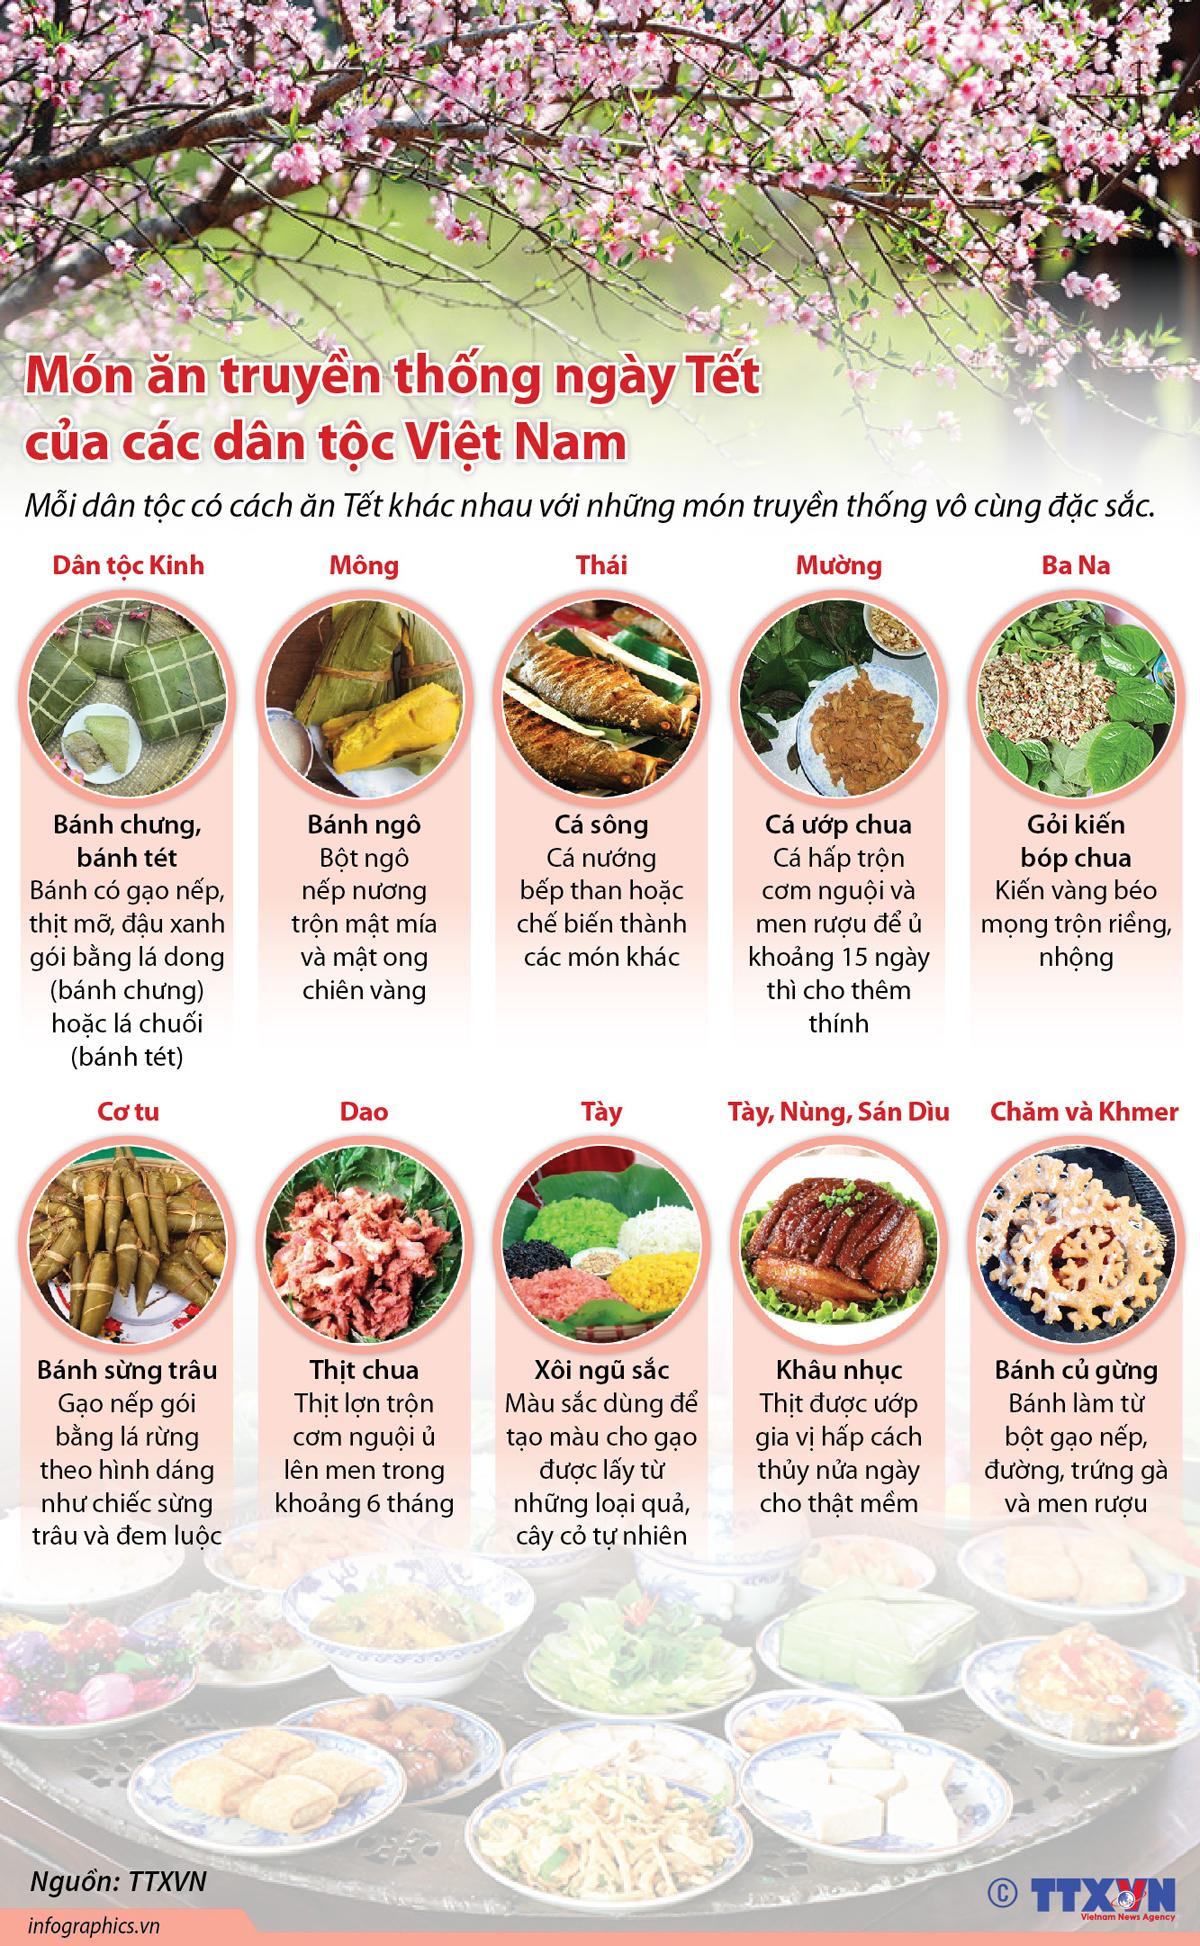 món ăn, truyền thống, ngày tết, dân tộc, việt nam